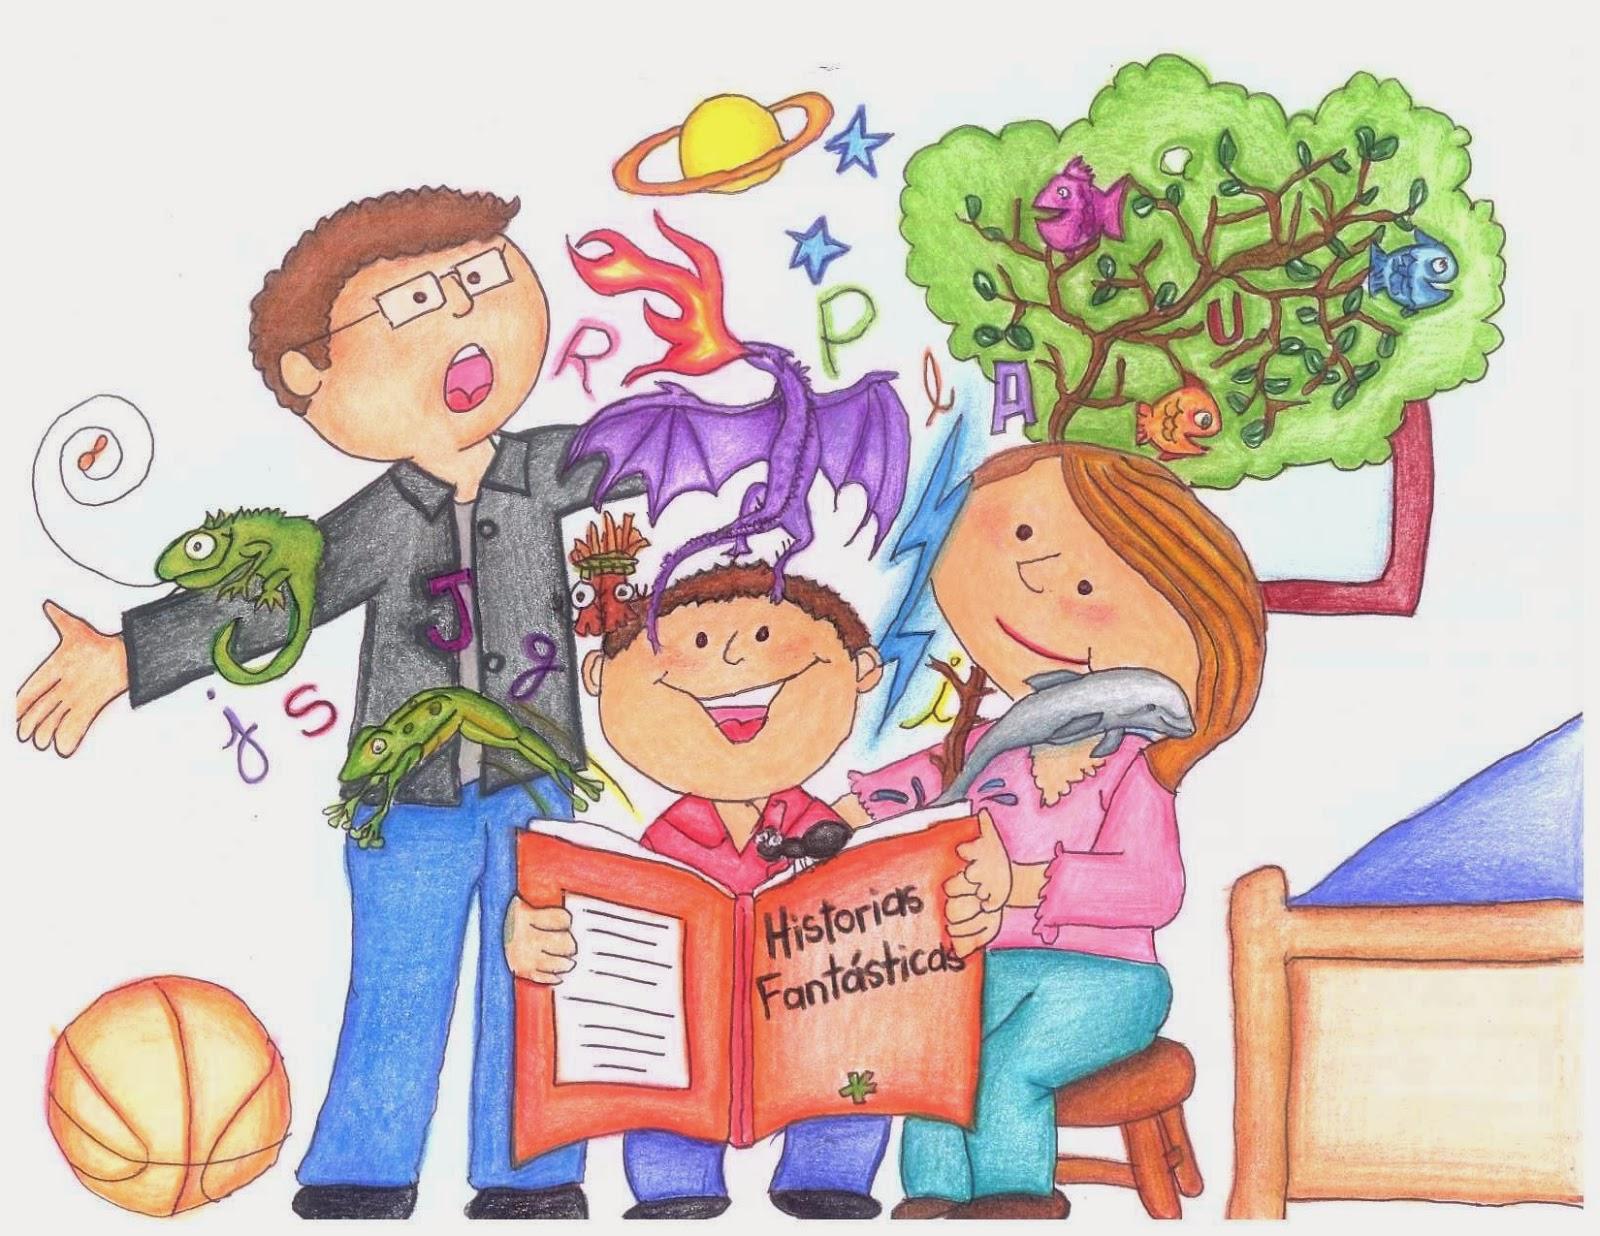 Imagen De Alumnos En Dibujos Animados Leyendo